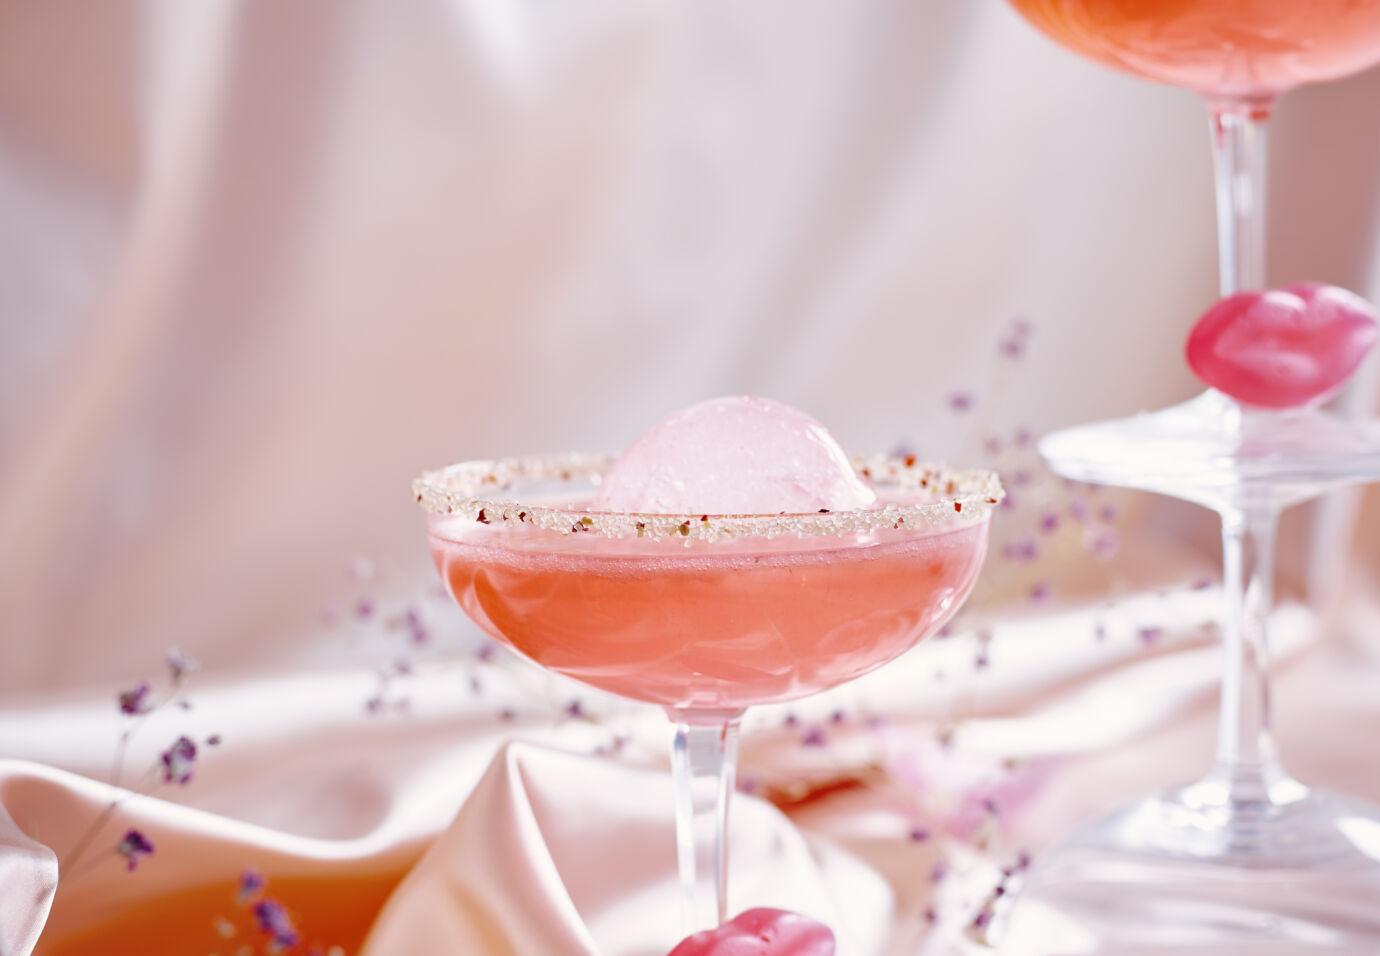 Sofie Dumont - Bubble kiss cocktail